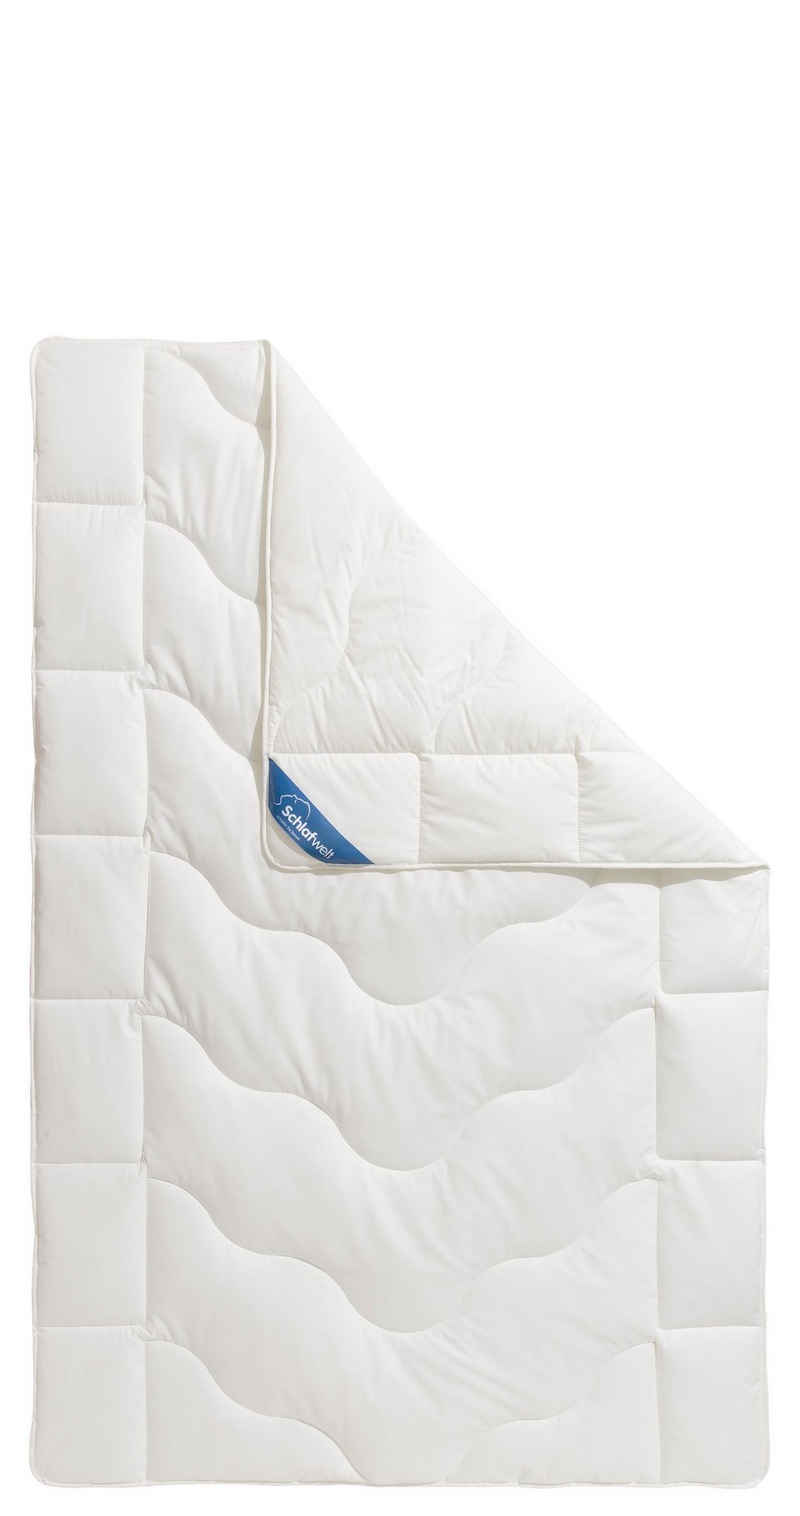 """Naturfaserbettdecke, »Tencel«, Schlafwelt, Füllung: Lyocell (Tencel) & Polyester, Bezug: Beste Klimatisierung und Nachhaltigkeit, Duo-Decke mit """"sehr gut getestet"""", Bezug aus Bio-Baumwolle"""